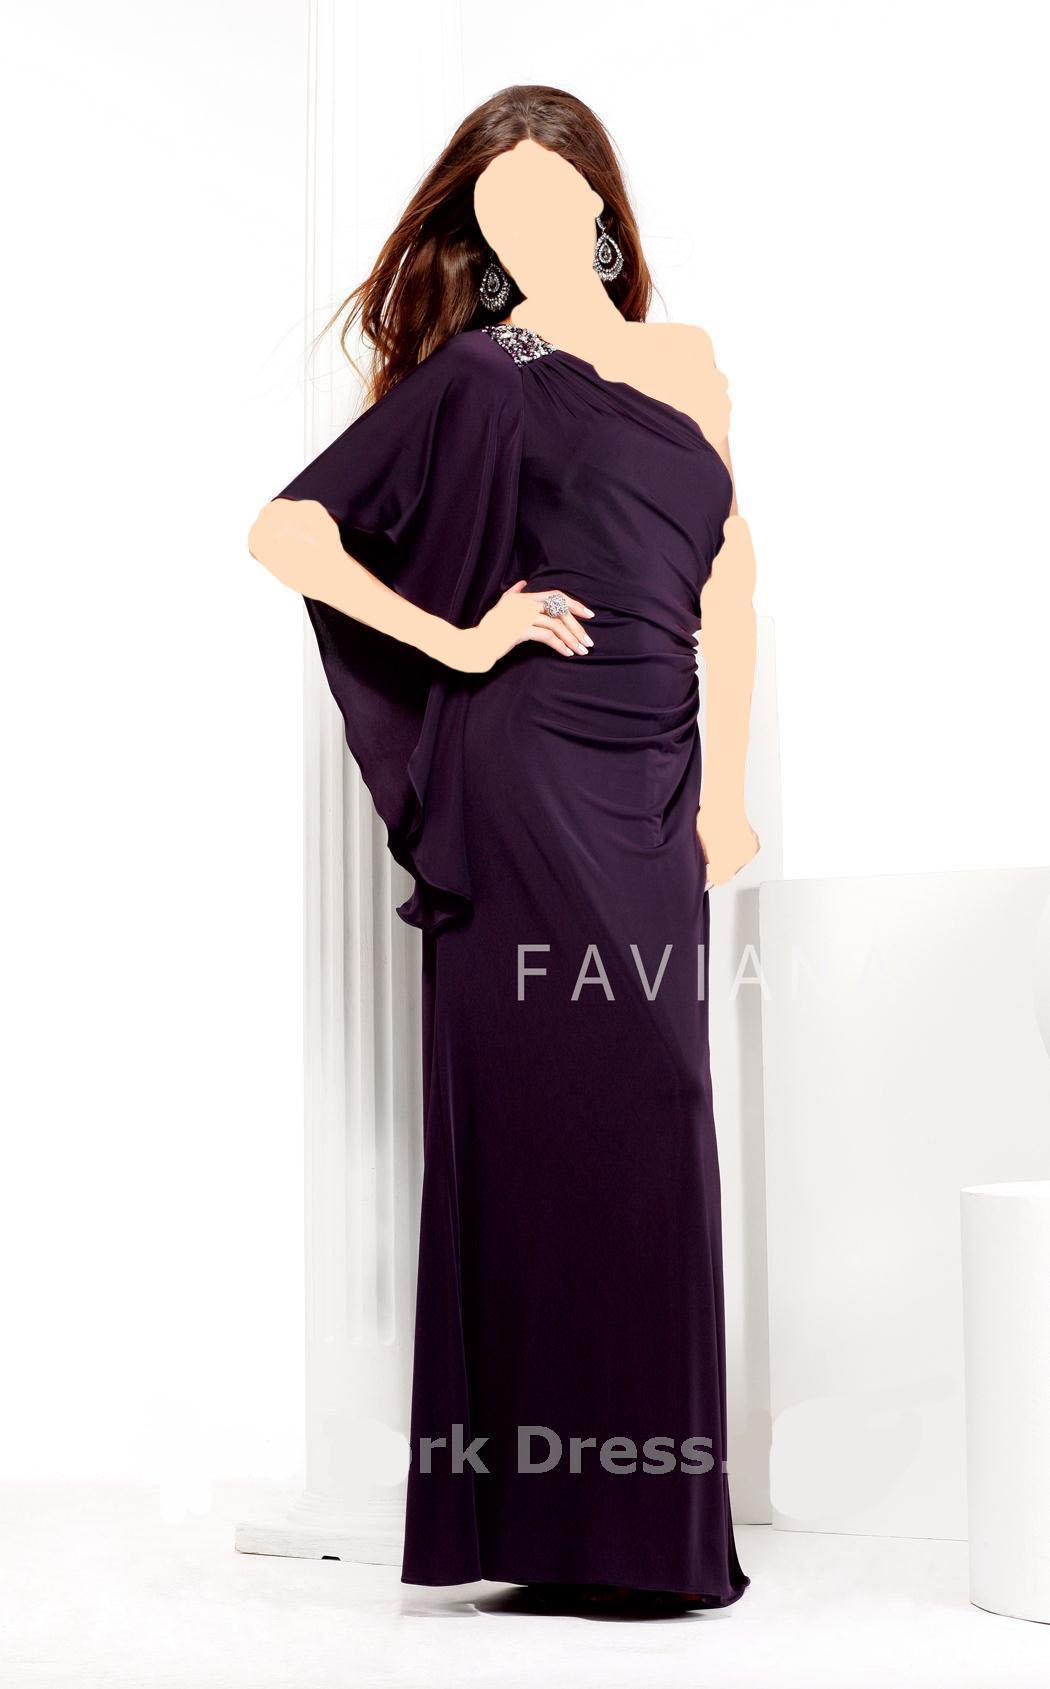 لعام 2013Evening Dresses جديد 2013Evening dresses 2013فساتين سهره روعه evening